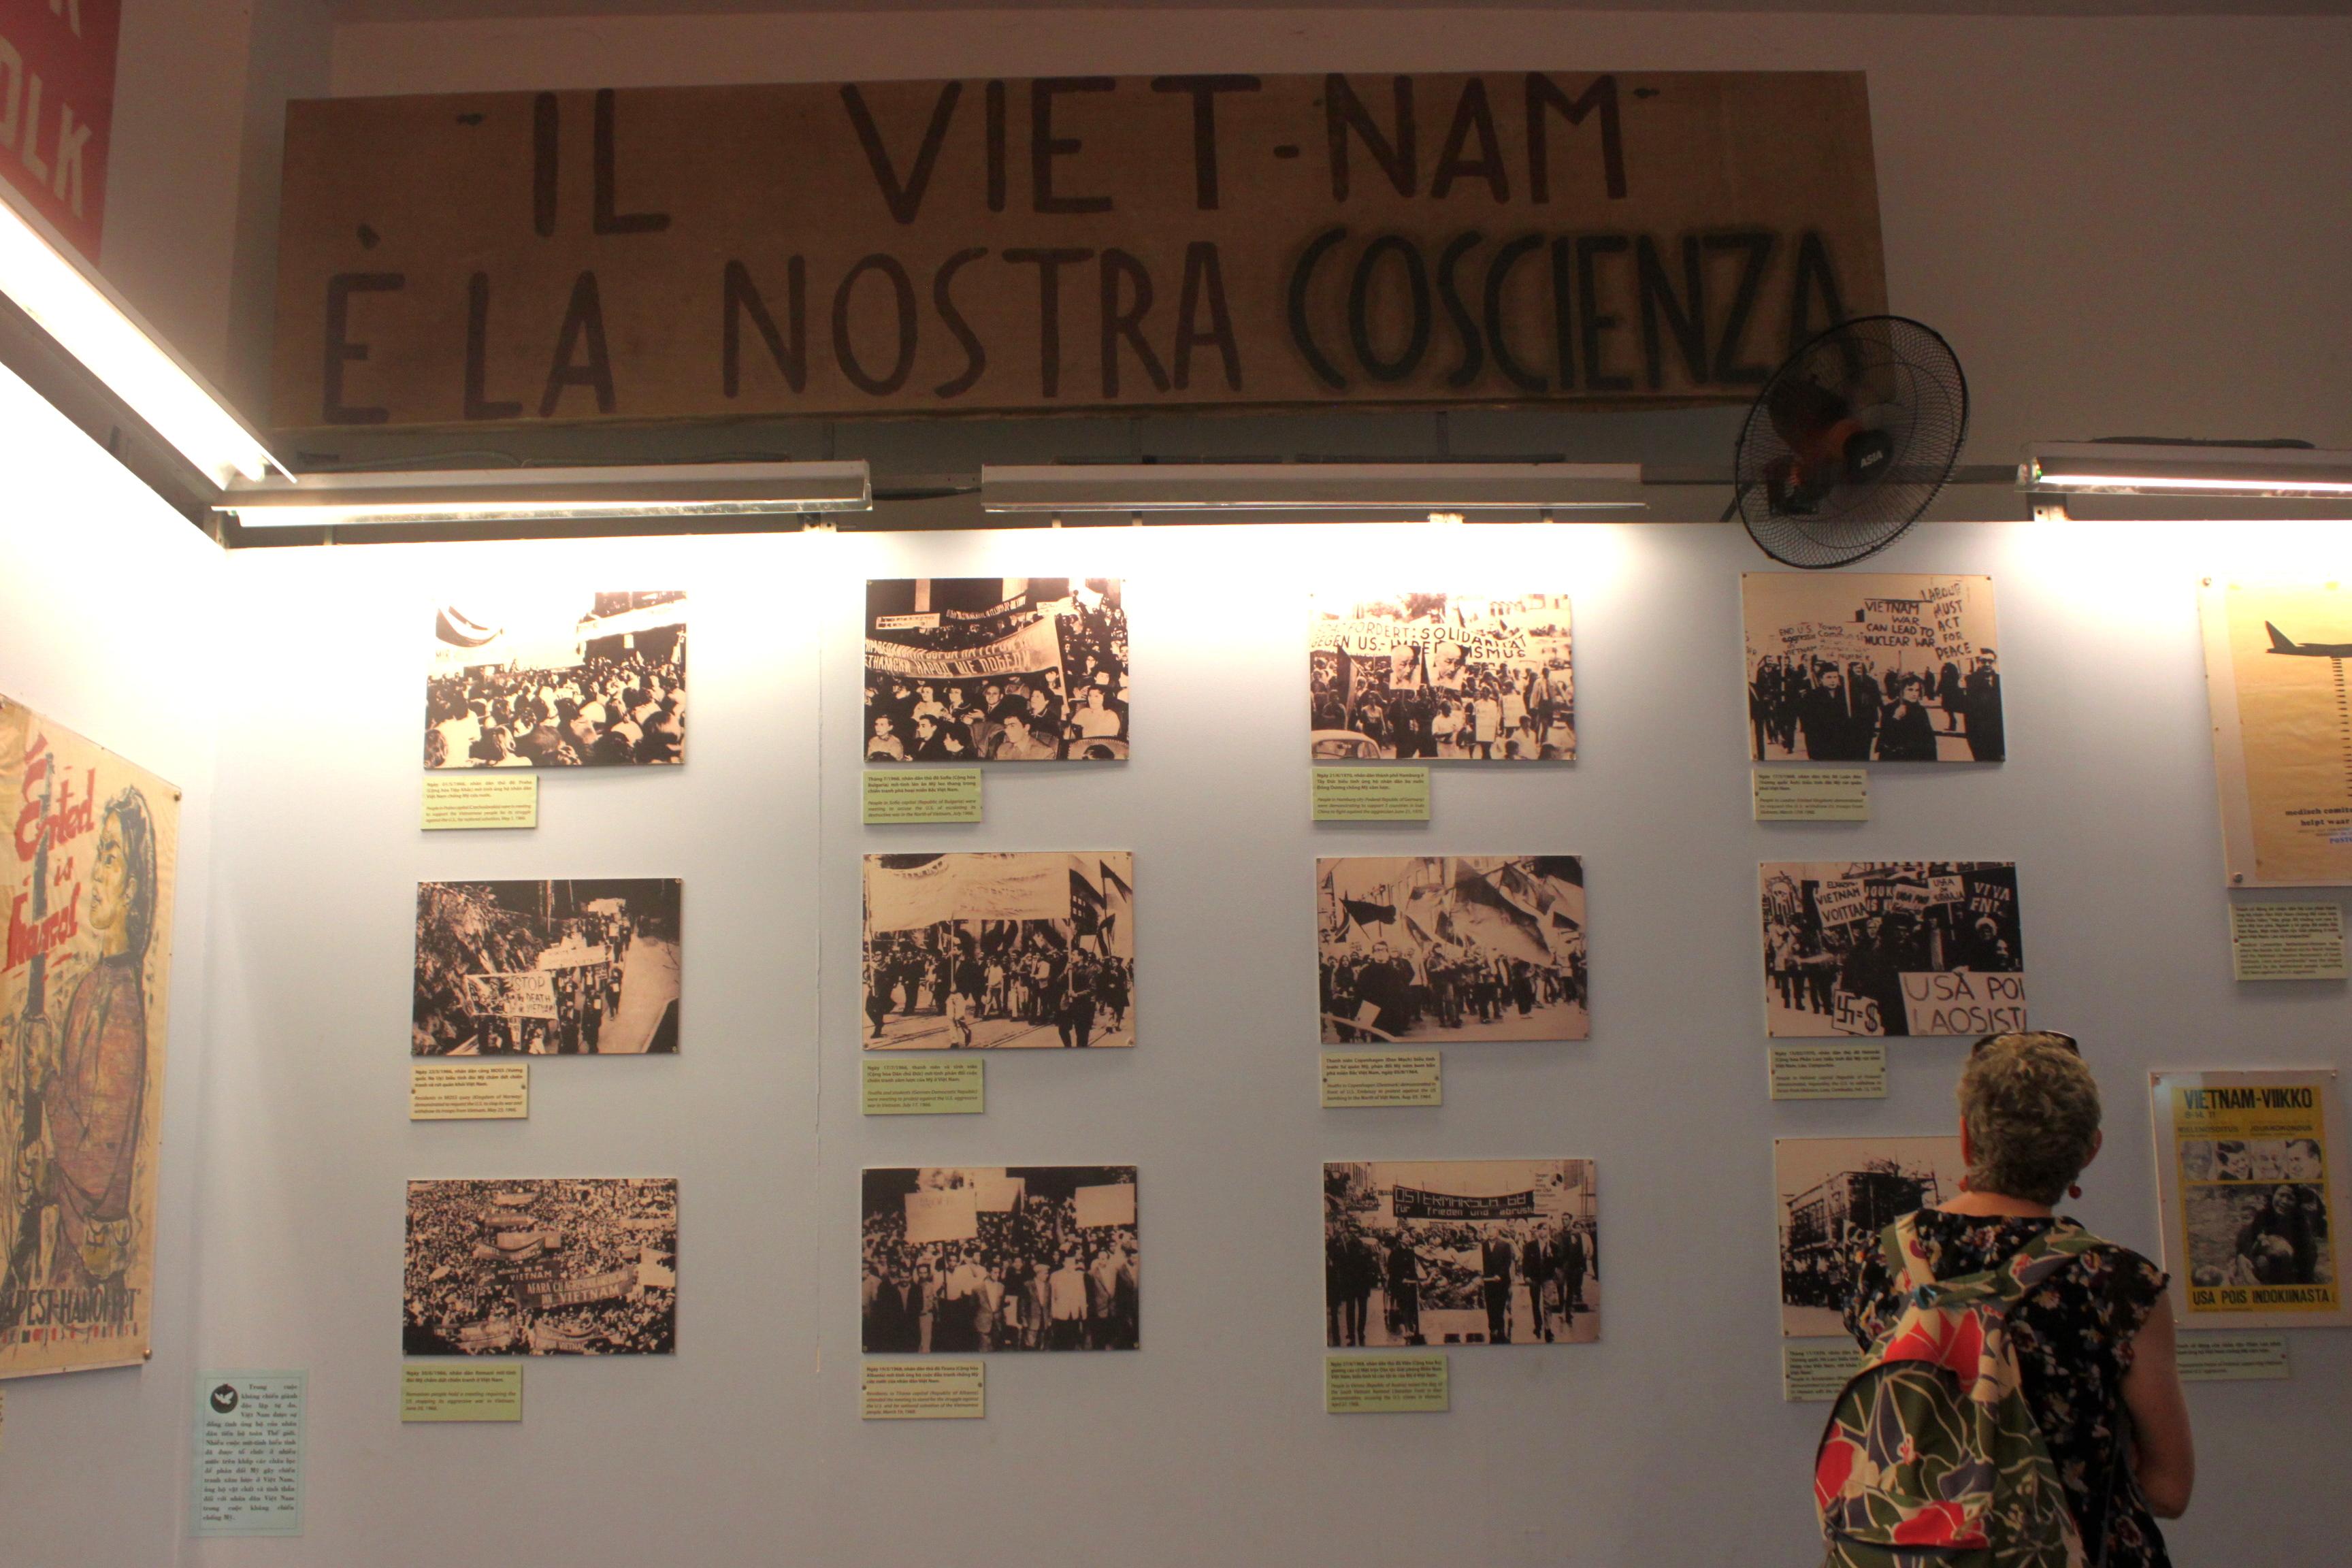 Il Vietnam è la nostra coscienza